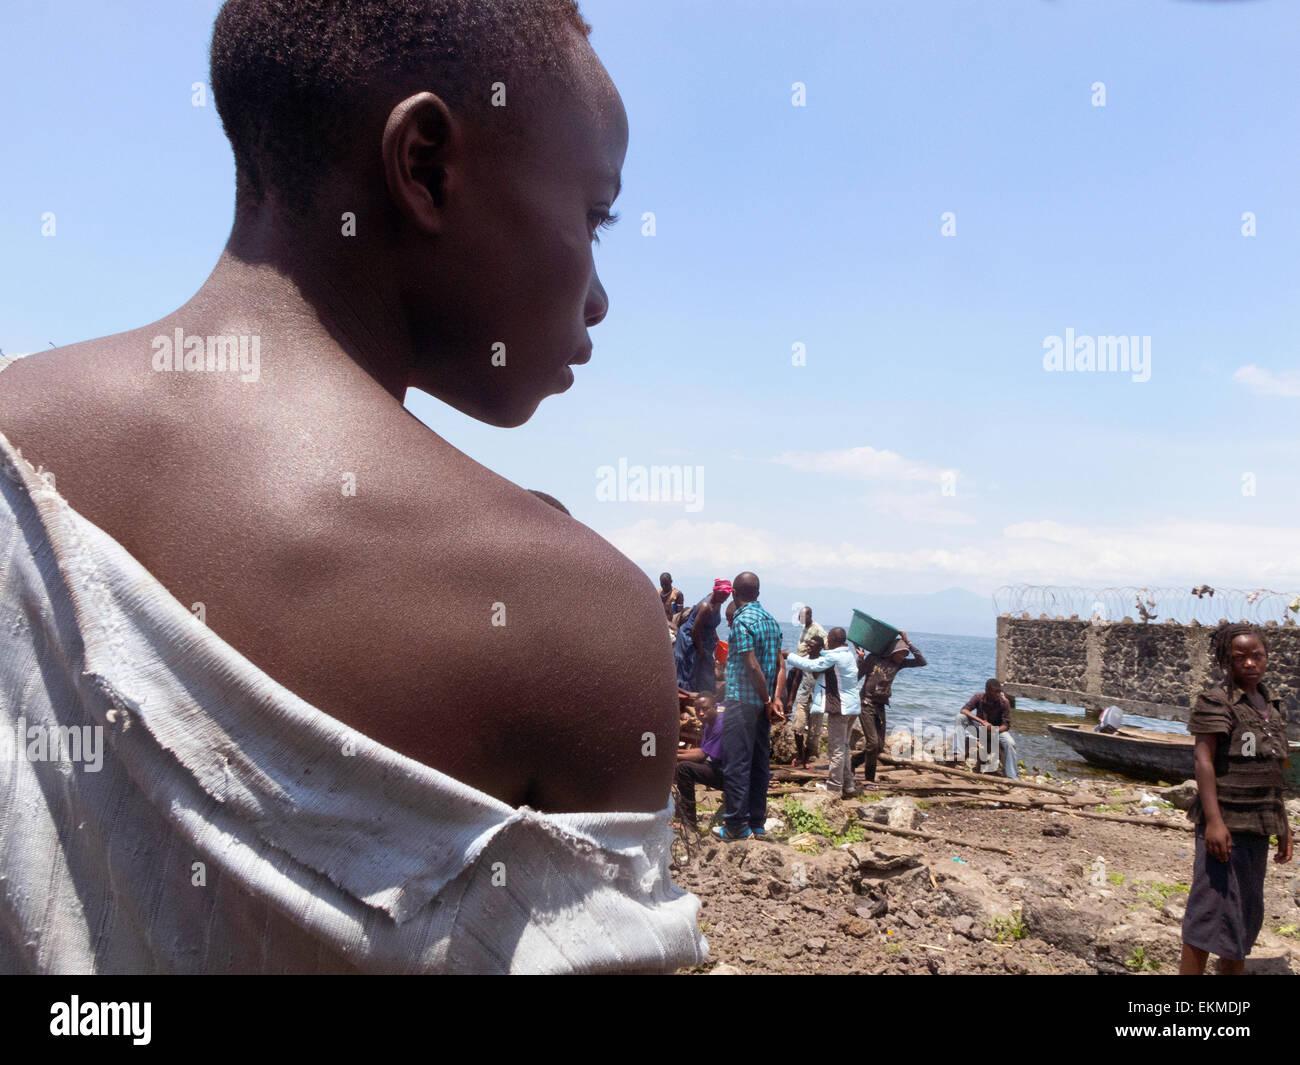 Un africano donna congolese sulla riva del lago Kivu a Goma nella Repubblica democratica del Congo ( RDC ), Africa Immagini Stock